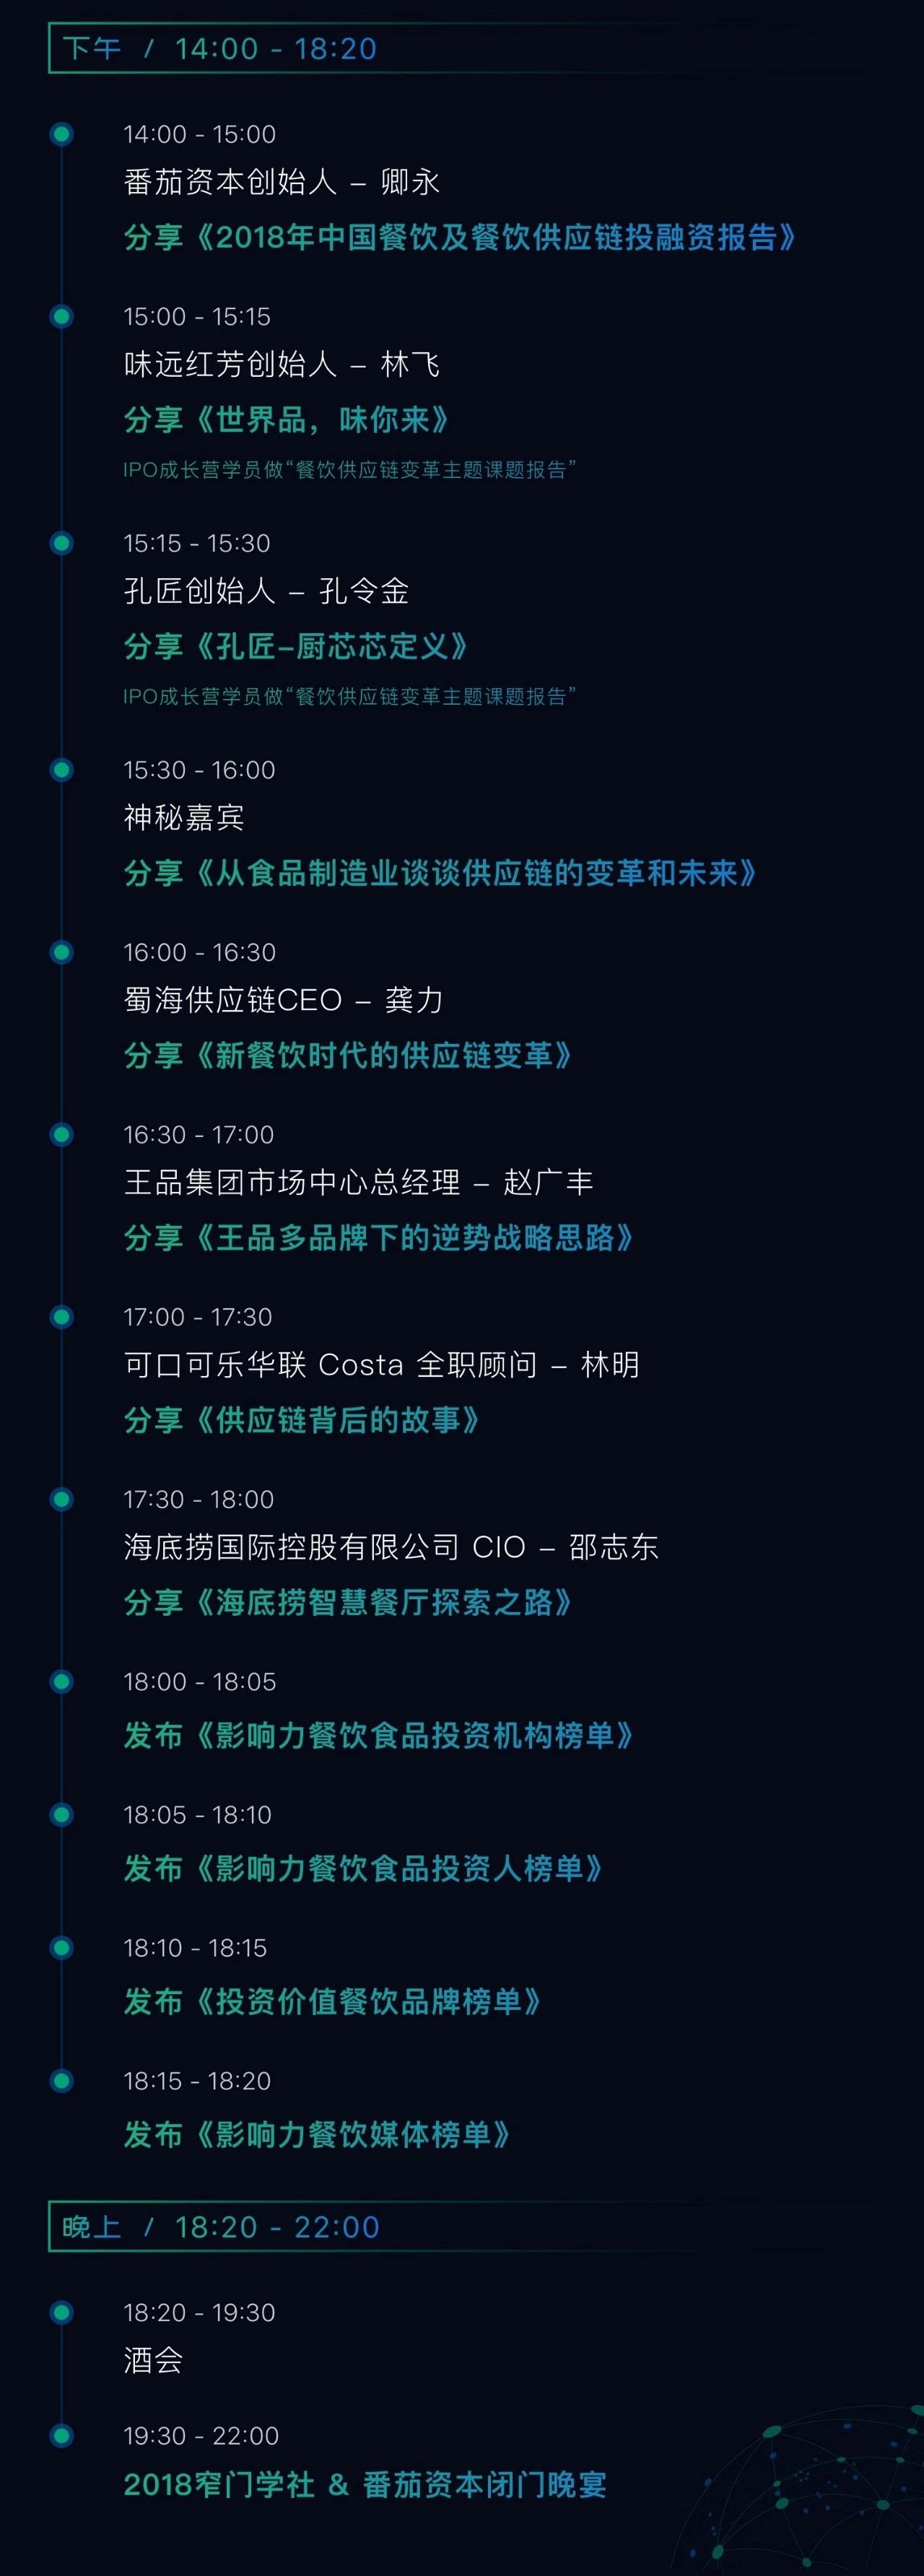 """""""餐饮供应链变革""""暨 2018 窄门学社 & 番茄资本年会(北京)"""